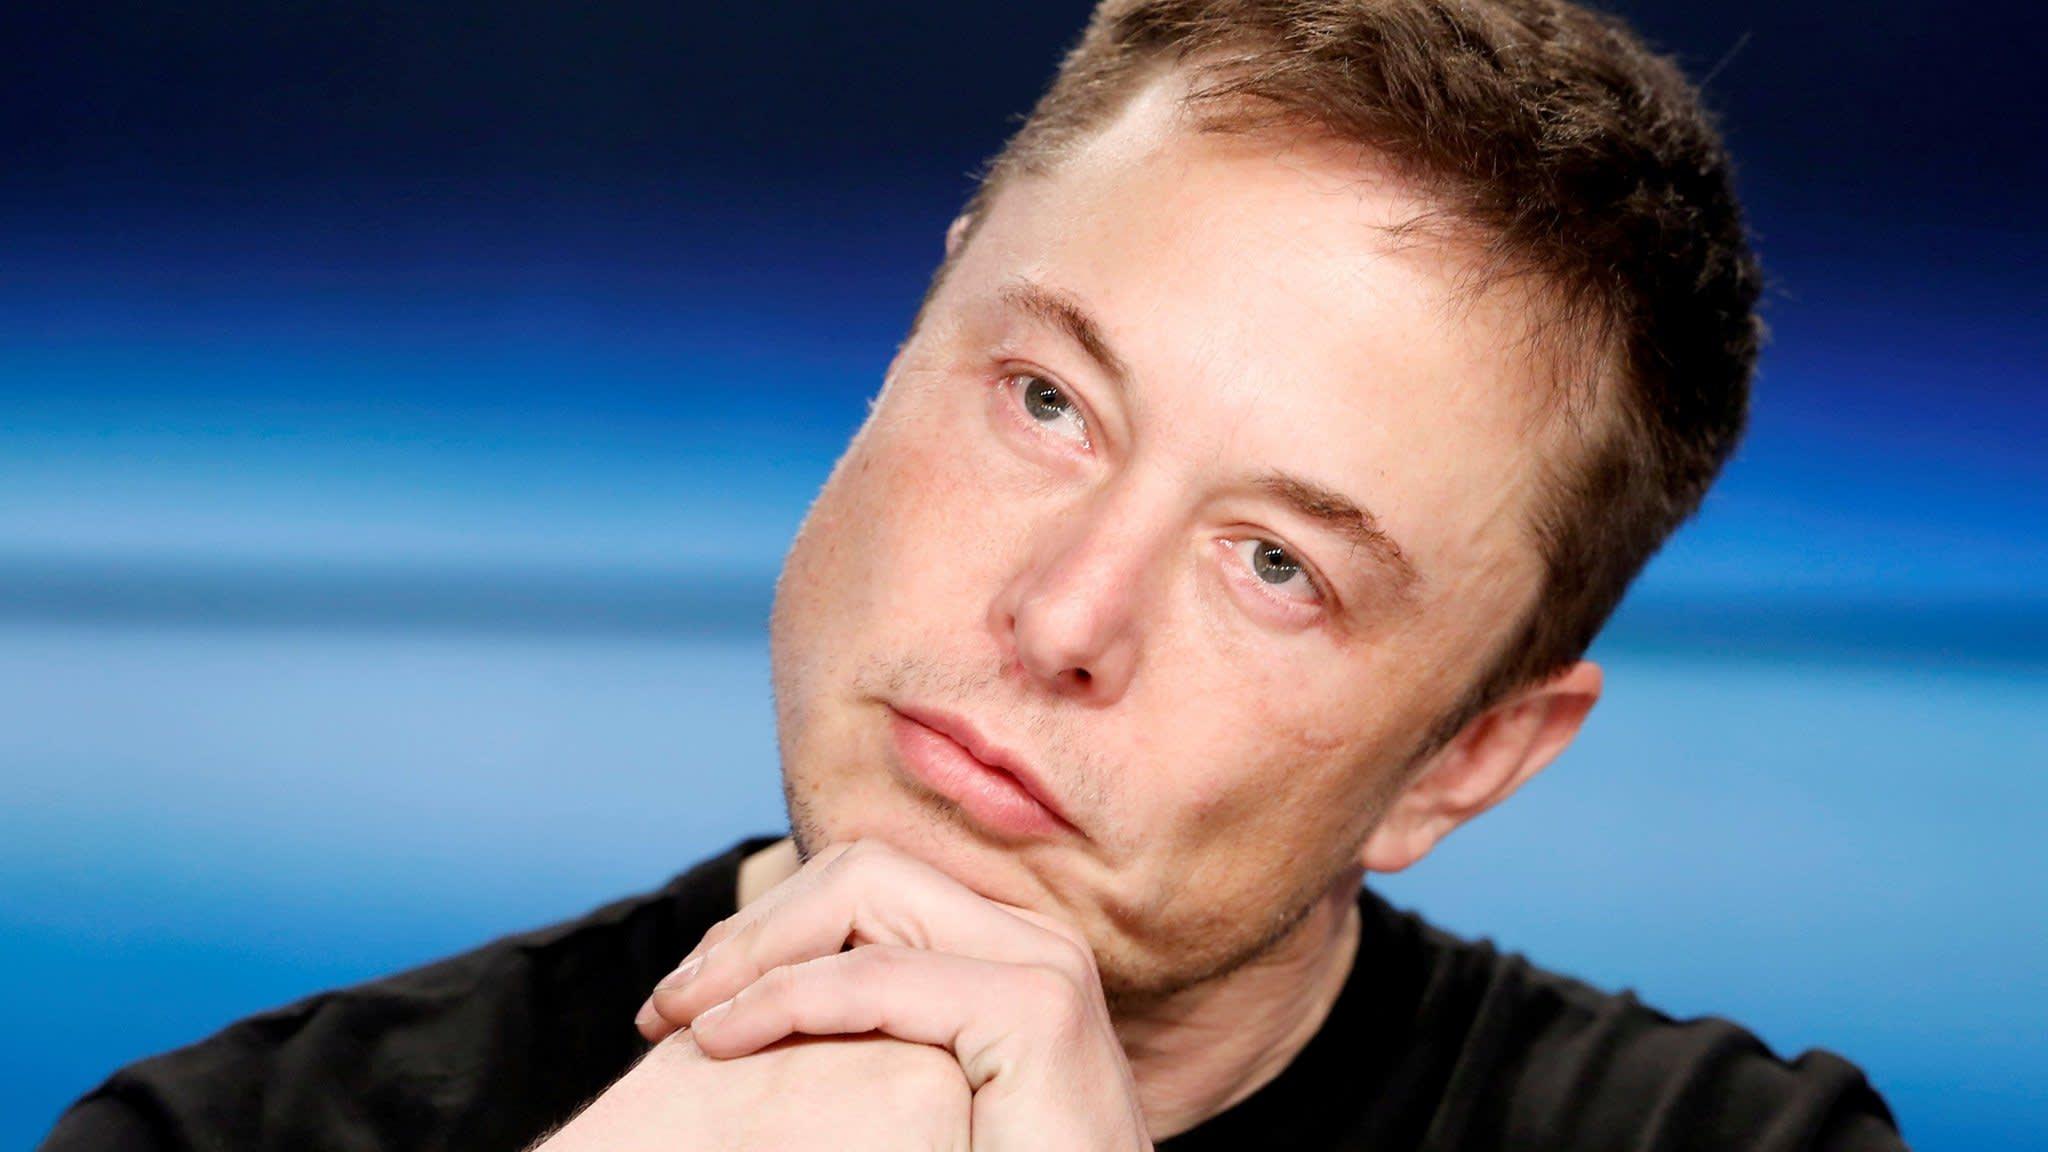 Musk mocks SEC in tweet only days after settling with regulator